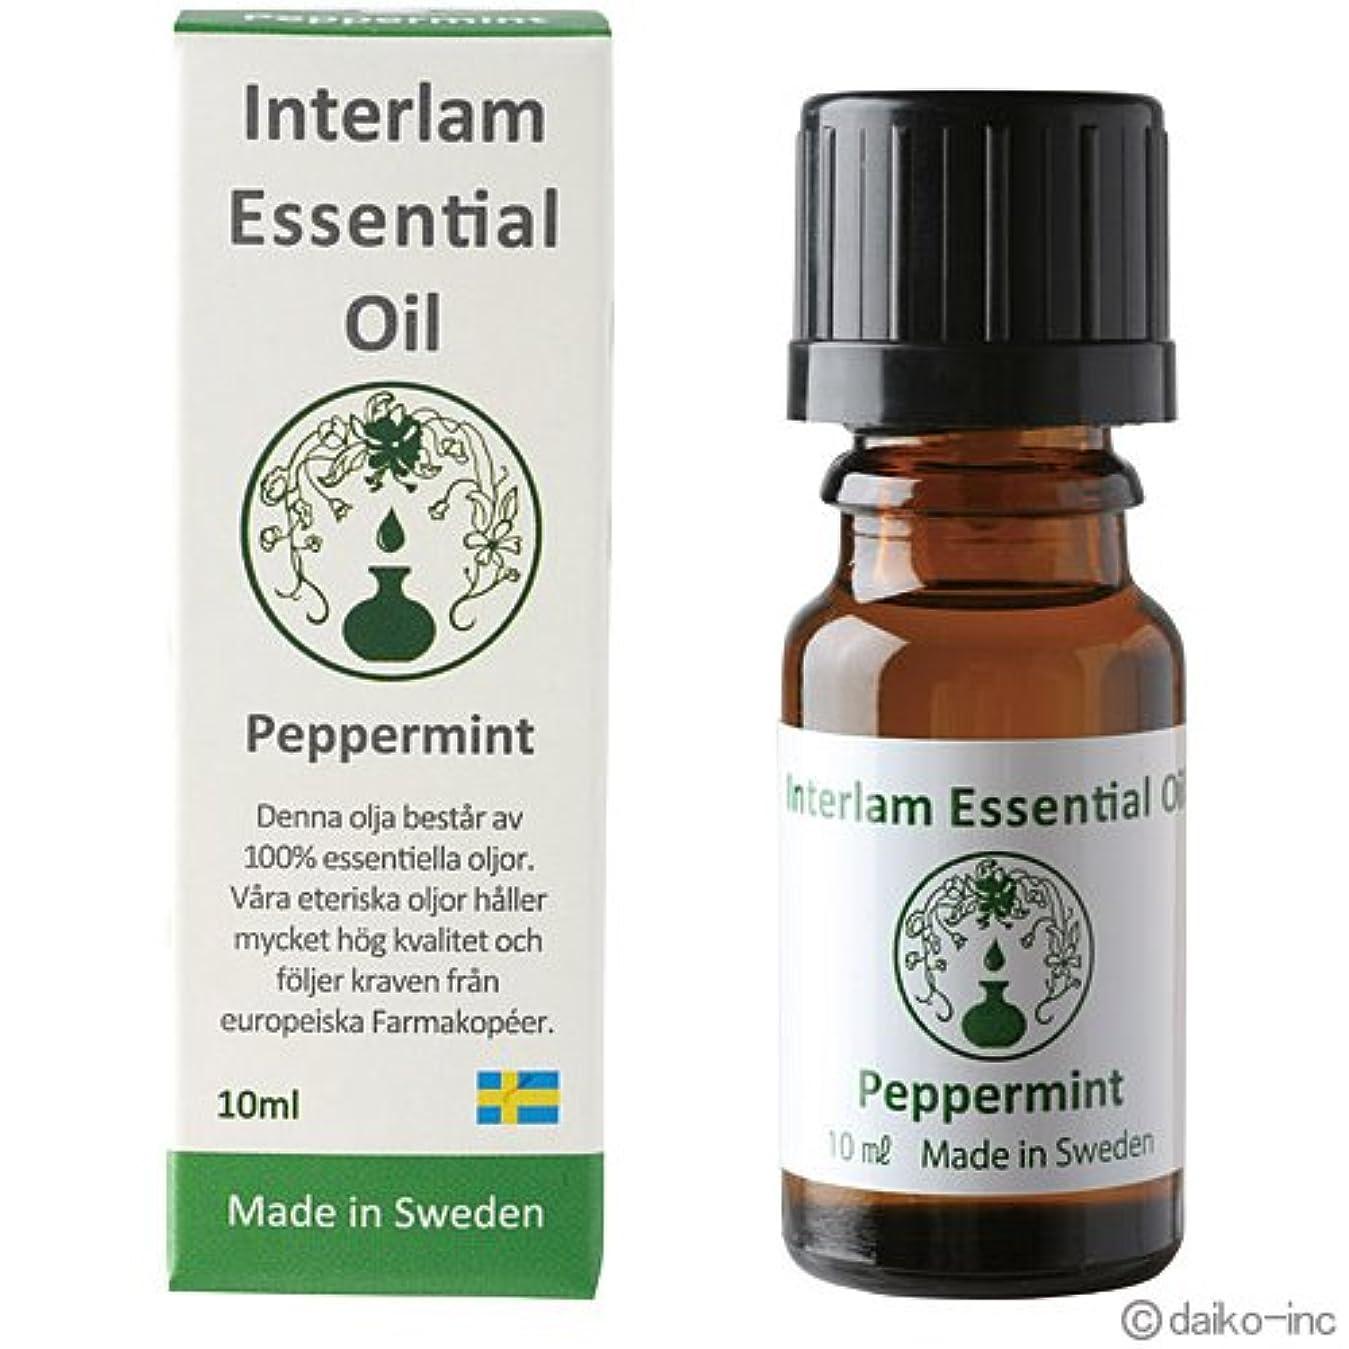 流出汚染するカロリーInterlam Essential Oil ペパーミント 10ml